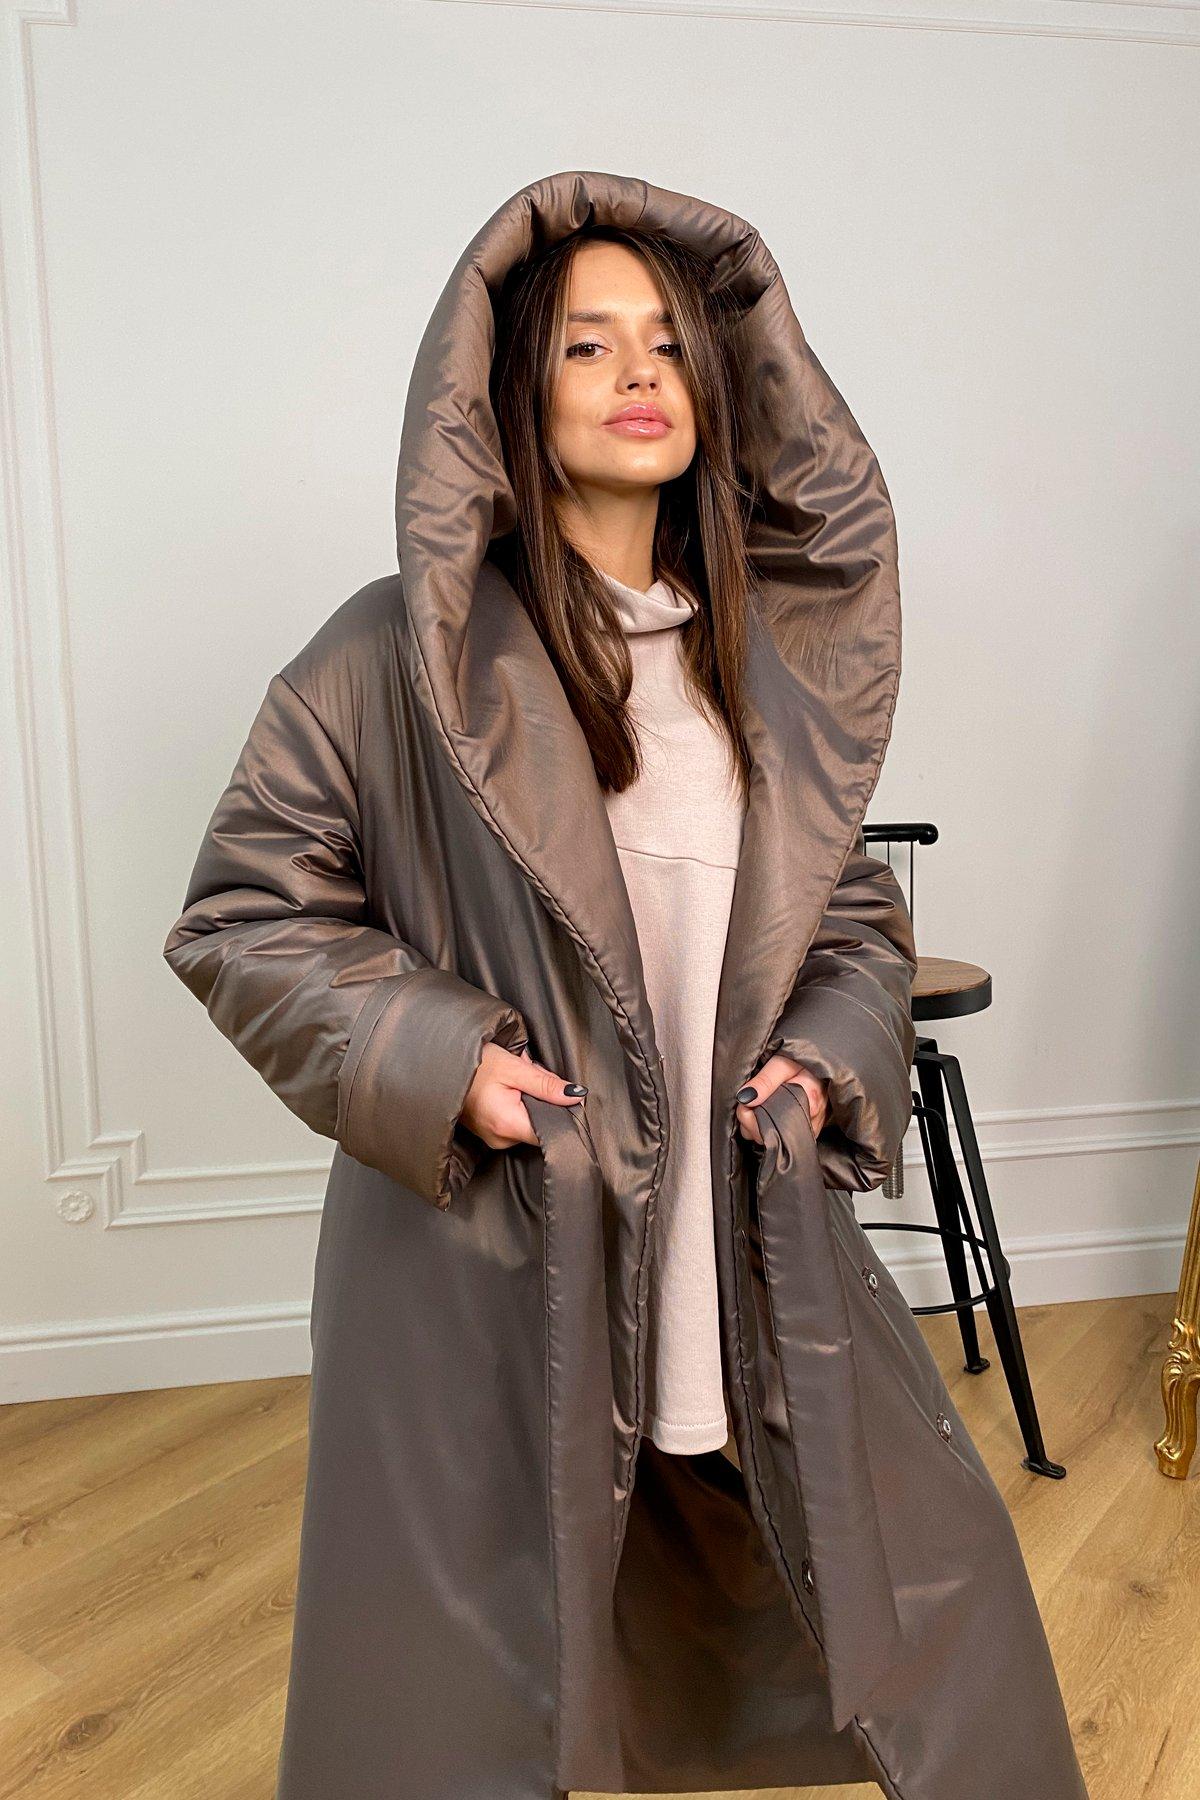 Берлин пальто зимнее из плащевой ткани, стеганое 10082 АРТ. 46395 Цвет: Шоколад/хамелеон - фото 4, интернет магазин tm-modus.ru